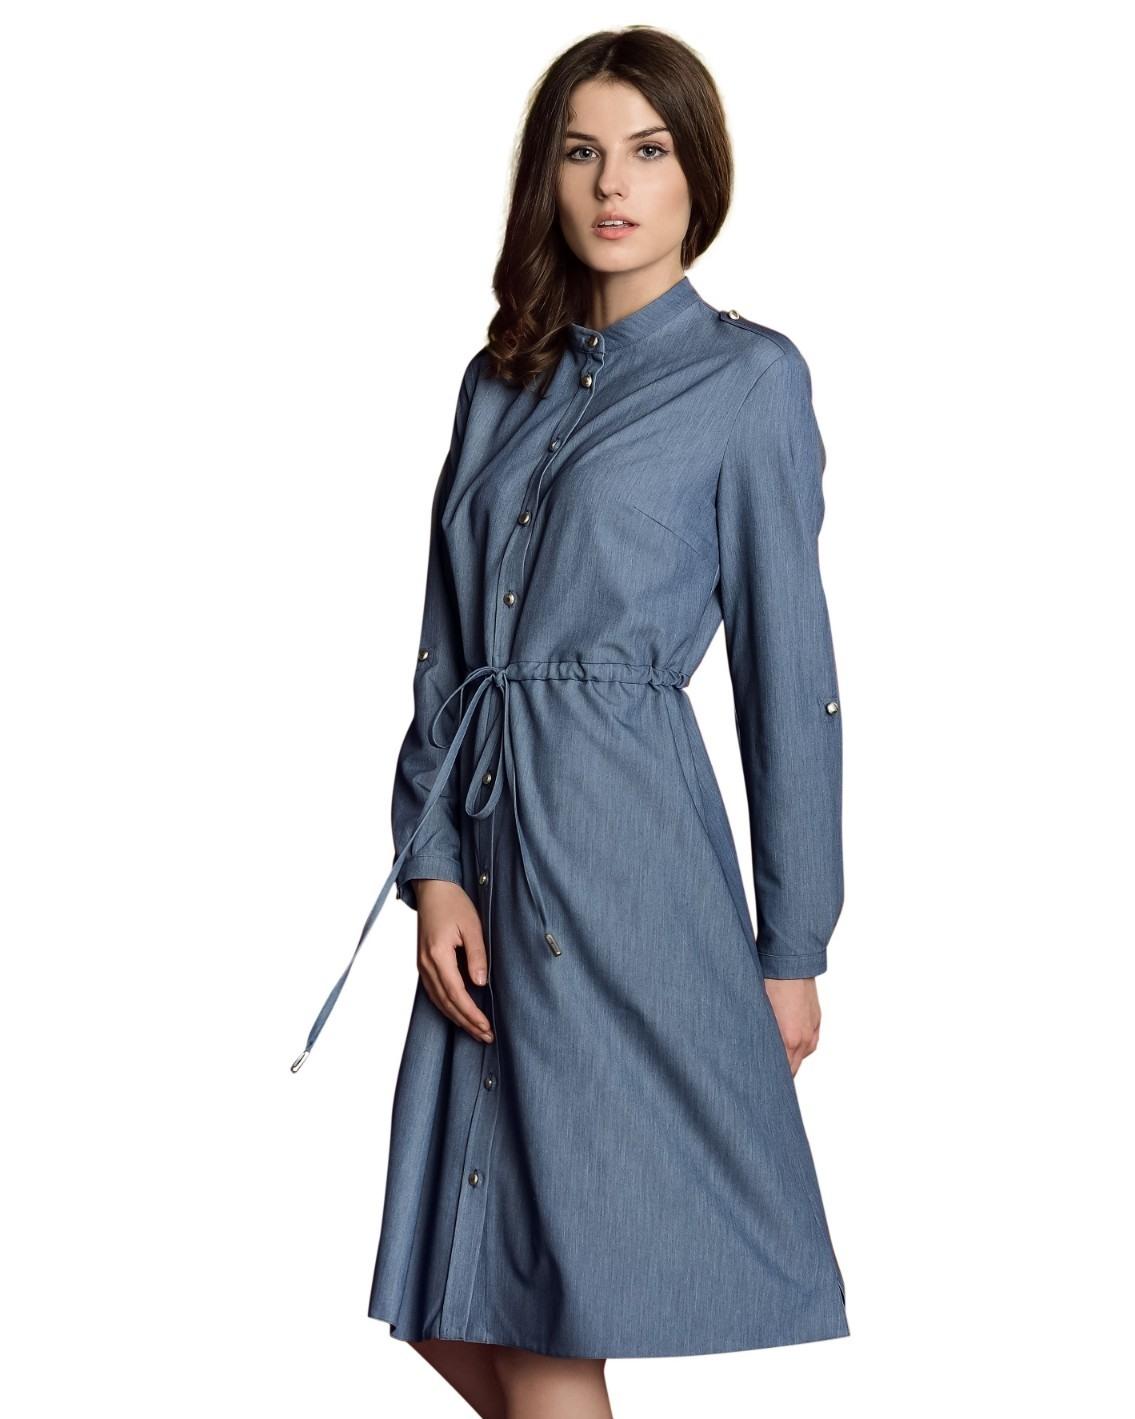 Abend Cool Kleid Mittellang Stylish10 Ausgezeichnet Kleid Mittellang Vertrieb